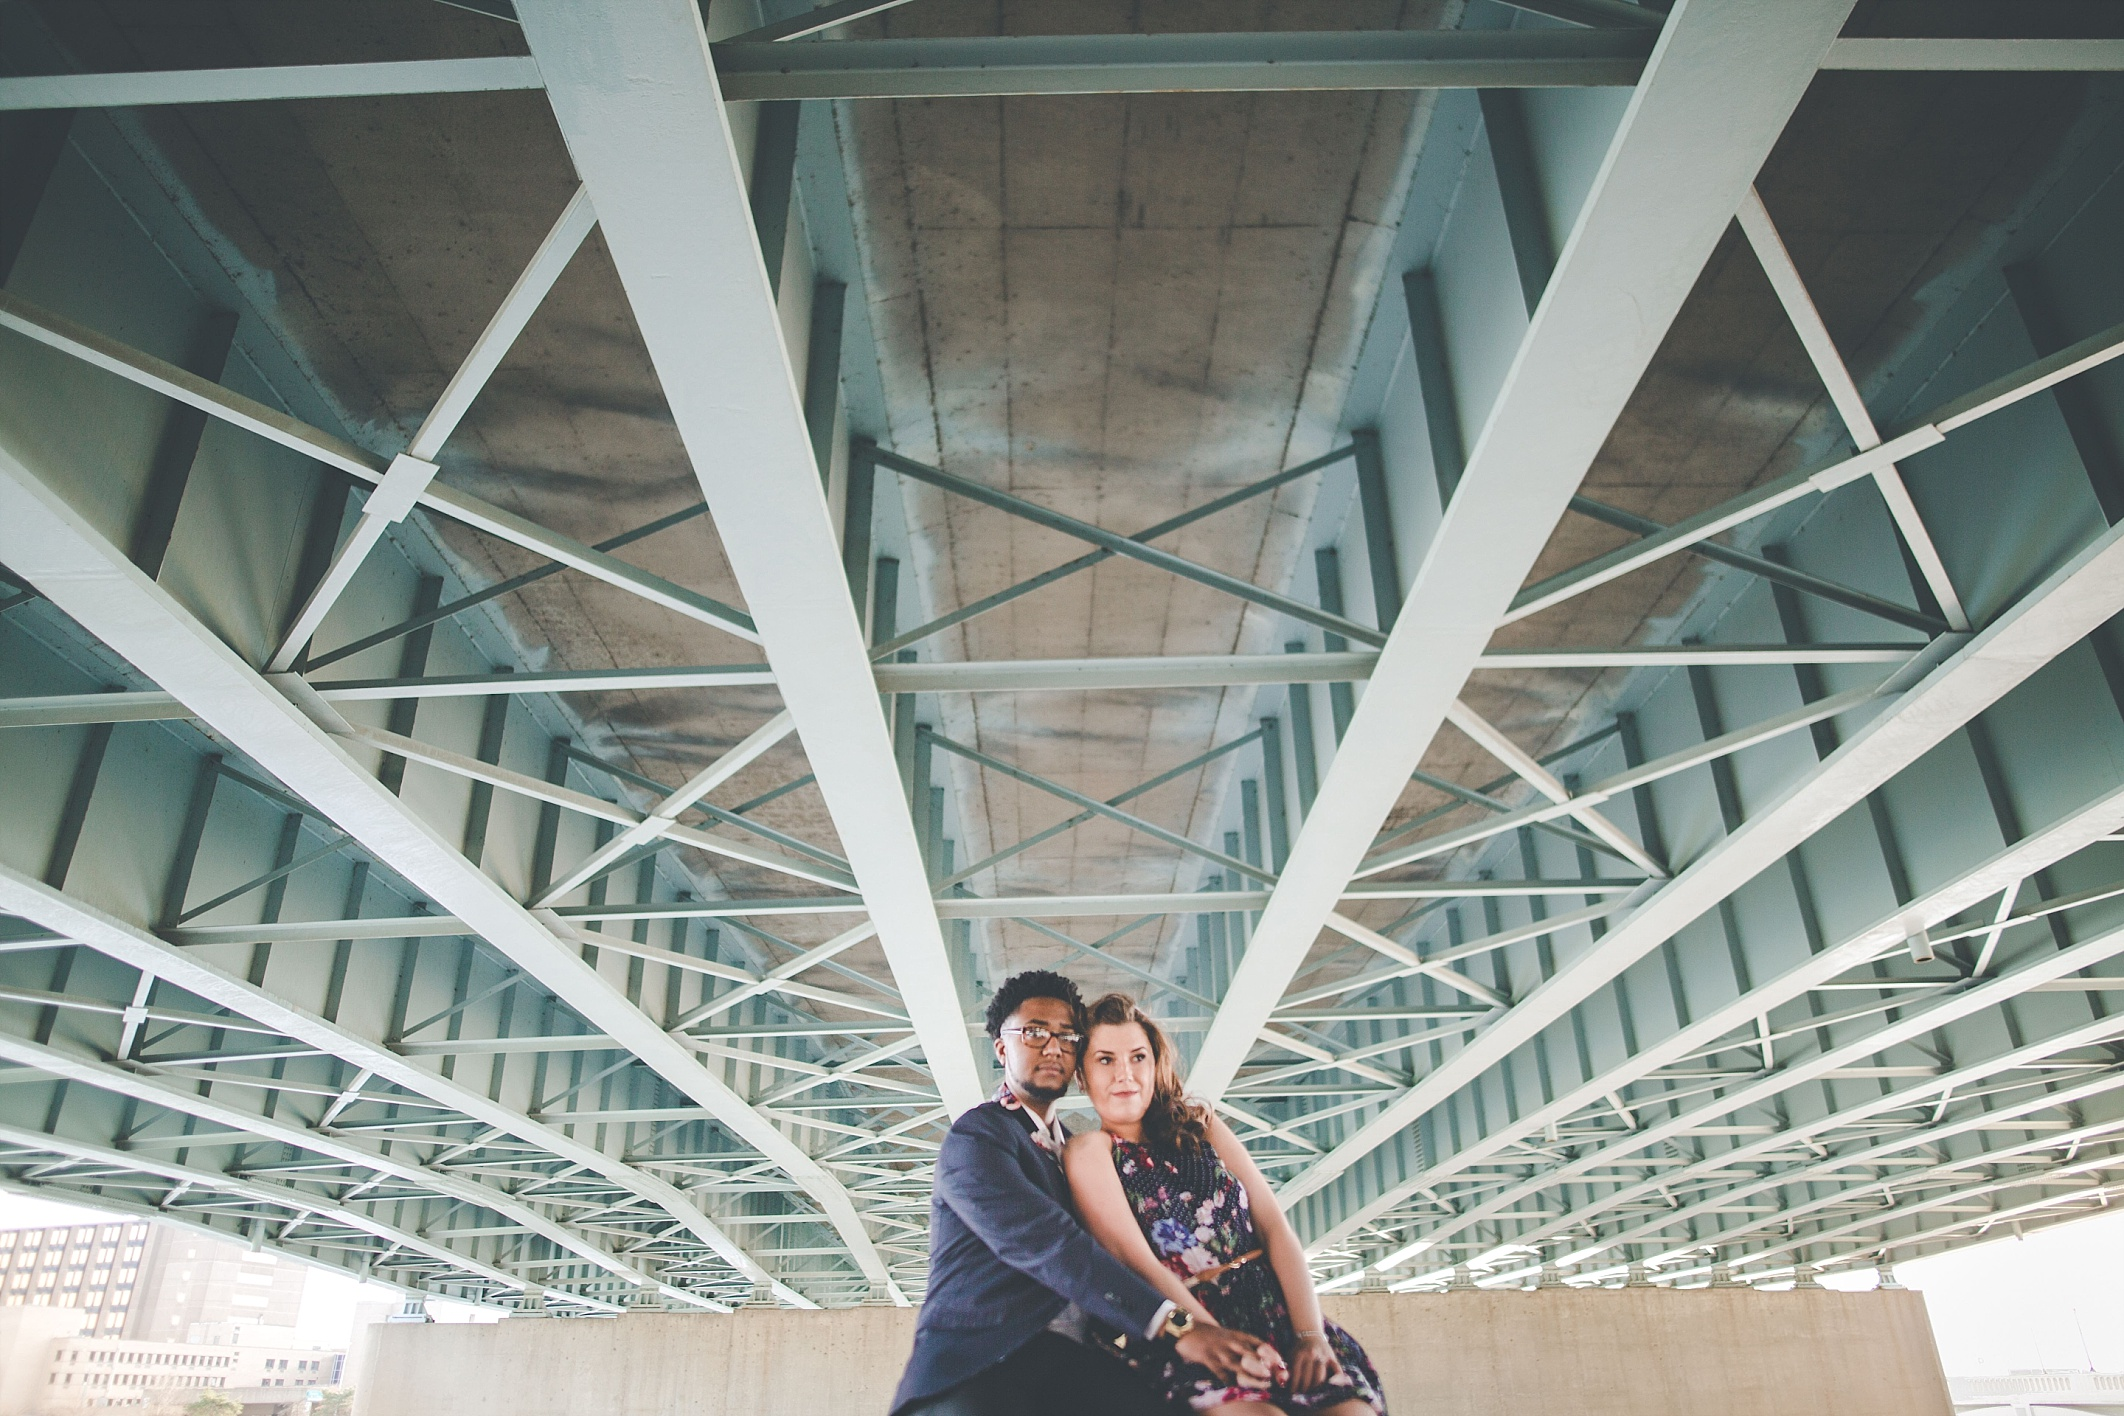 sydney-dayton-engagement--photographer-dayton-ohio_0007.jpg